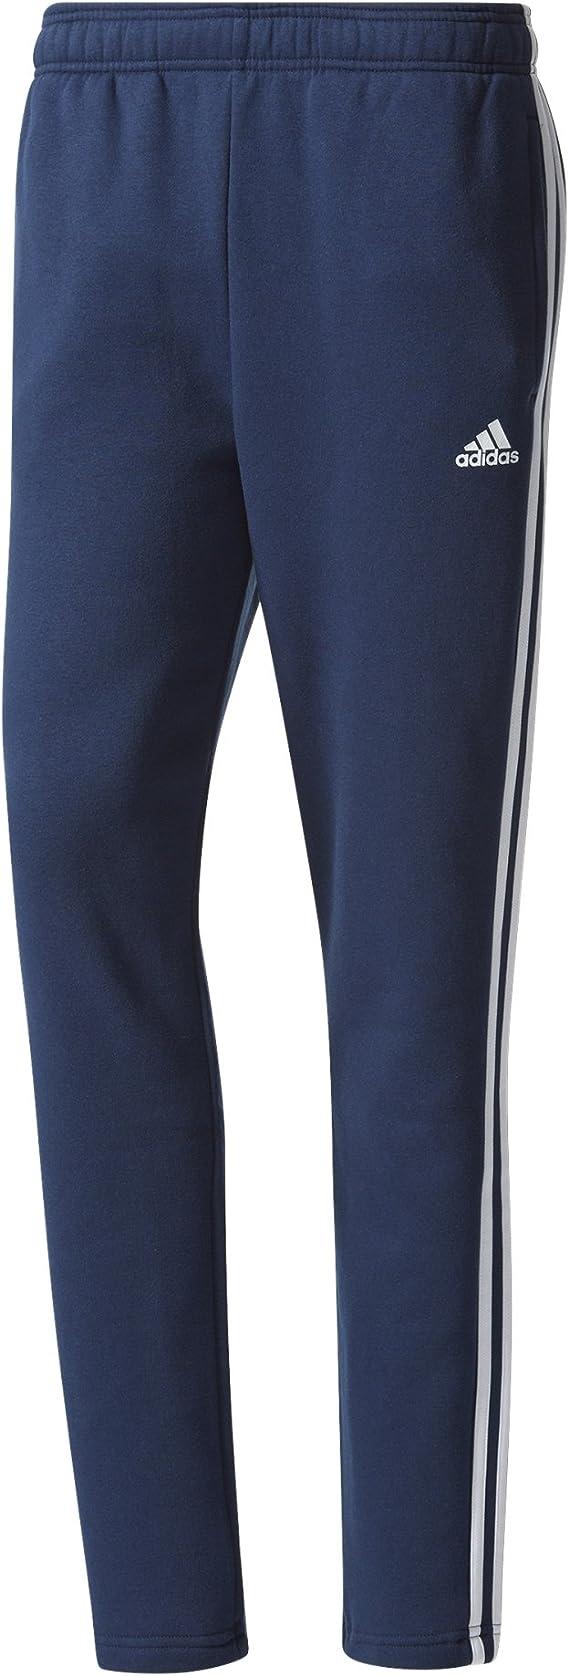 adidas ESS 3s S Pnt FL Pantalón, Hombre: Amazon.es: Ropa y accesorios